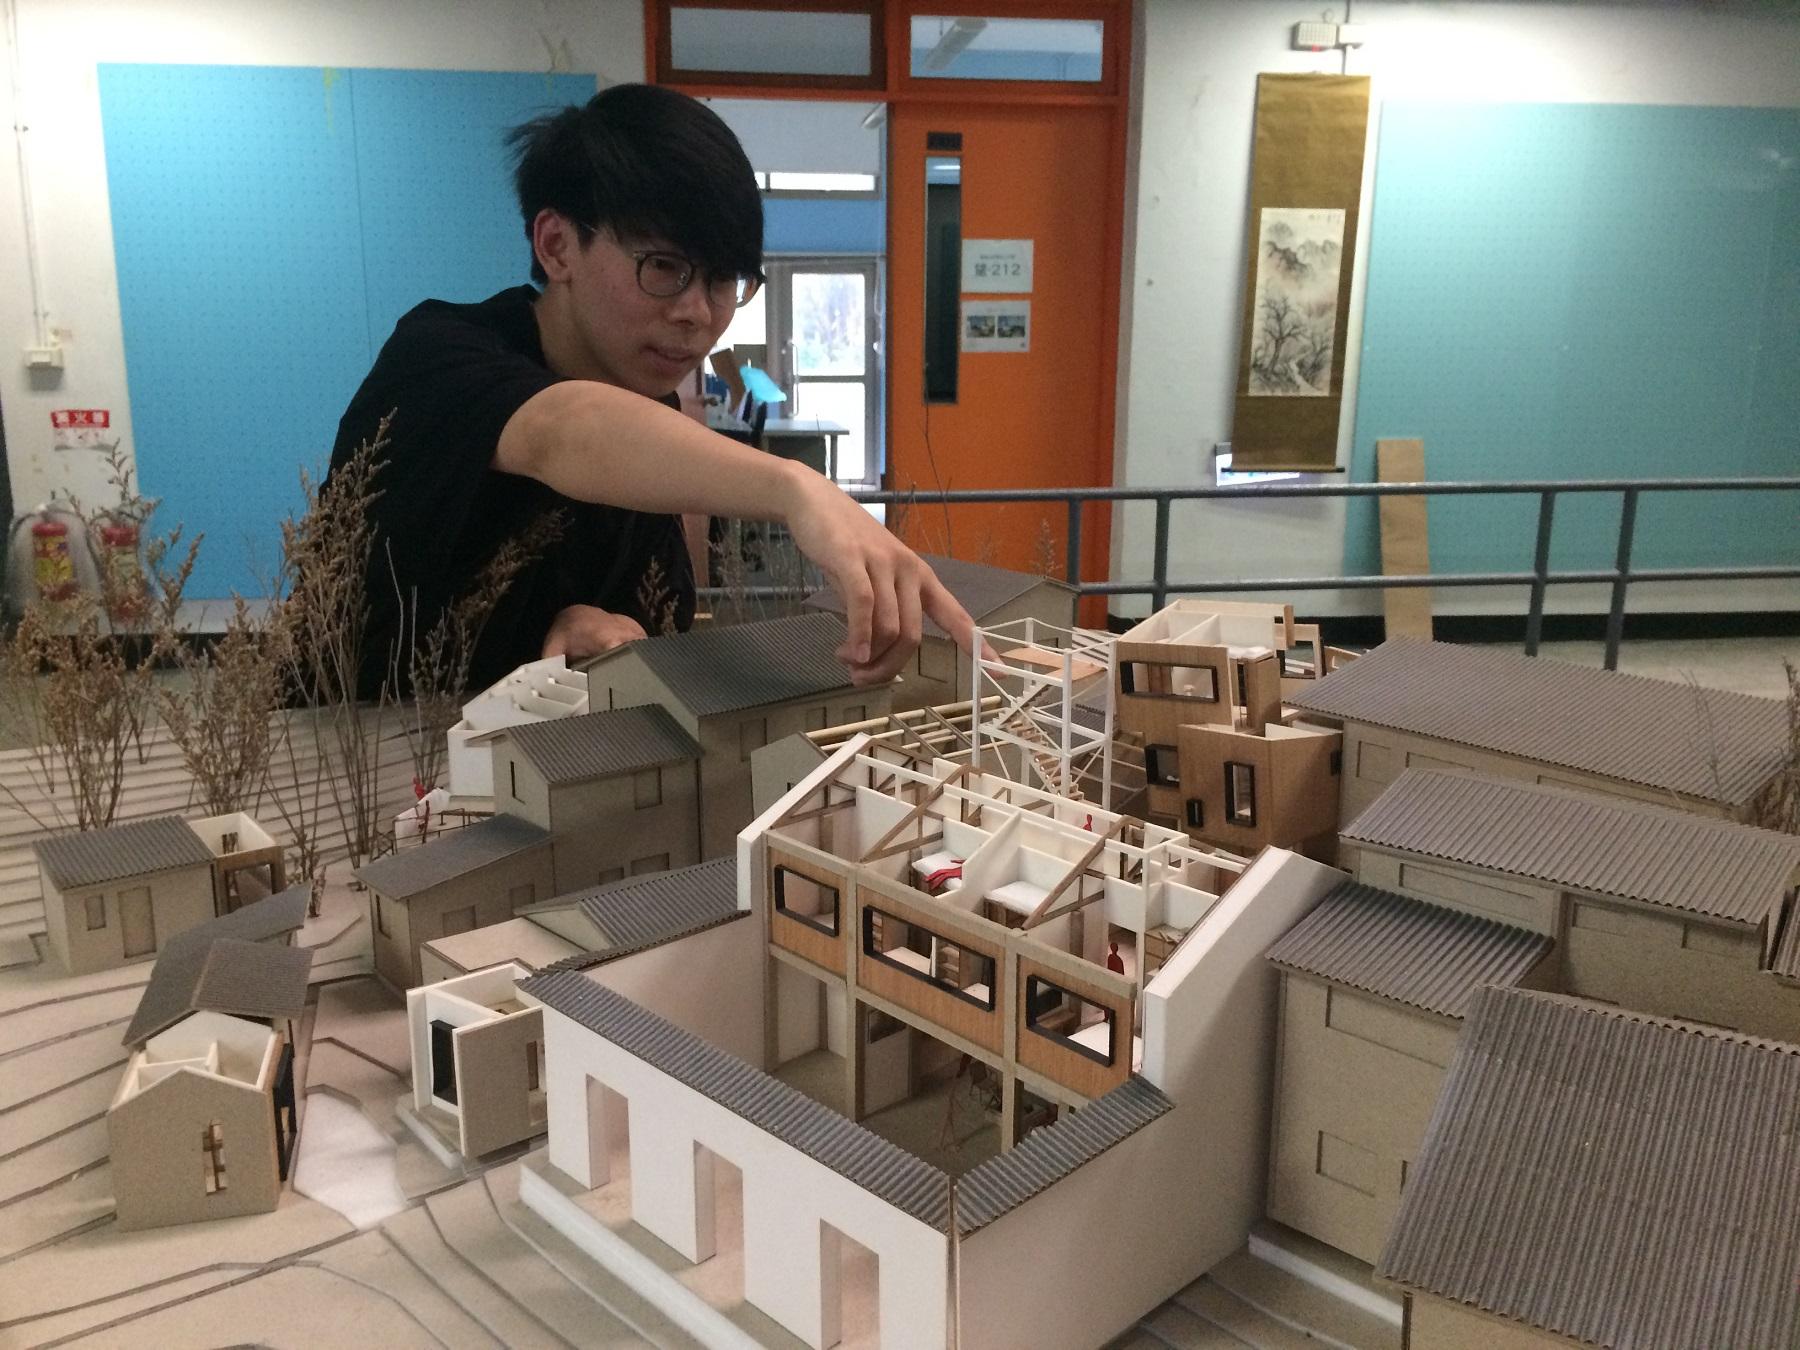 通稿照片-來自中國杭州張益誠的作品「城市共生(城中村)」,希望透過都市的微更新,發揮空間改造的最大價值。.jpg